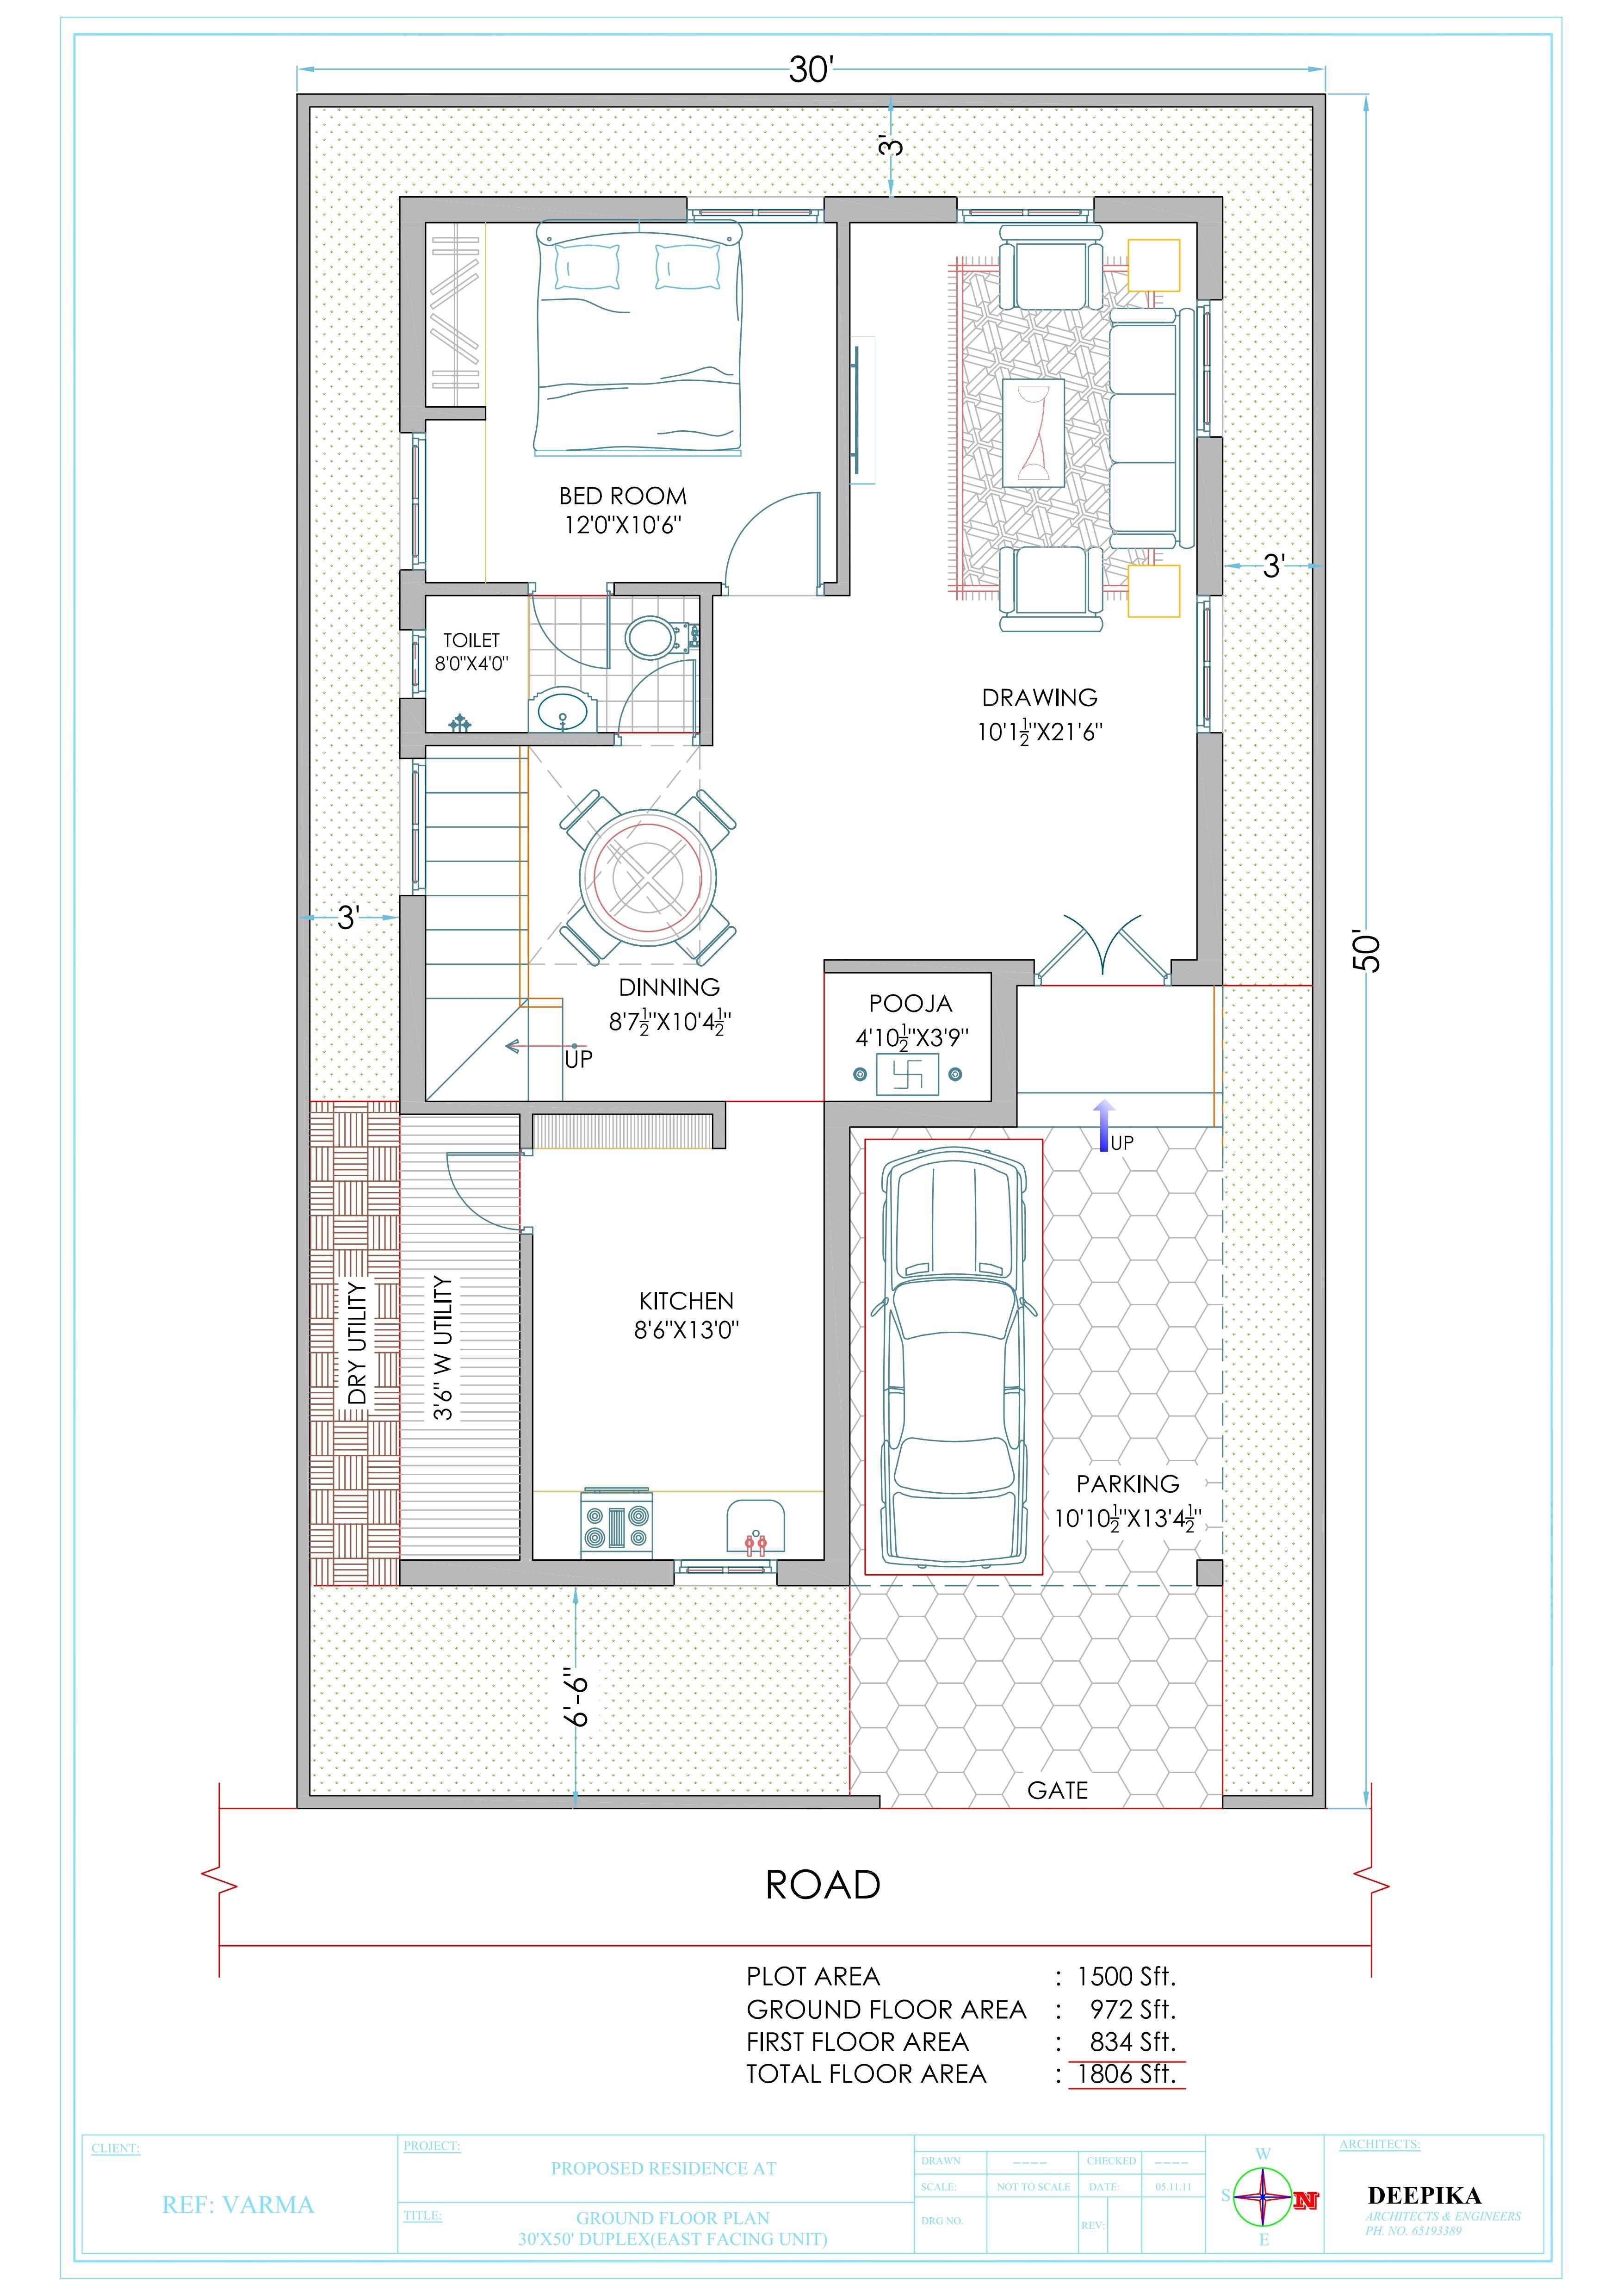 Duplex 30